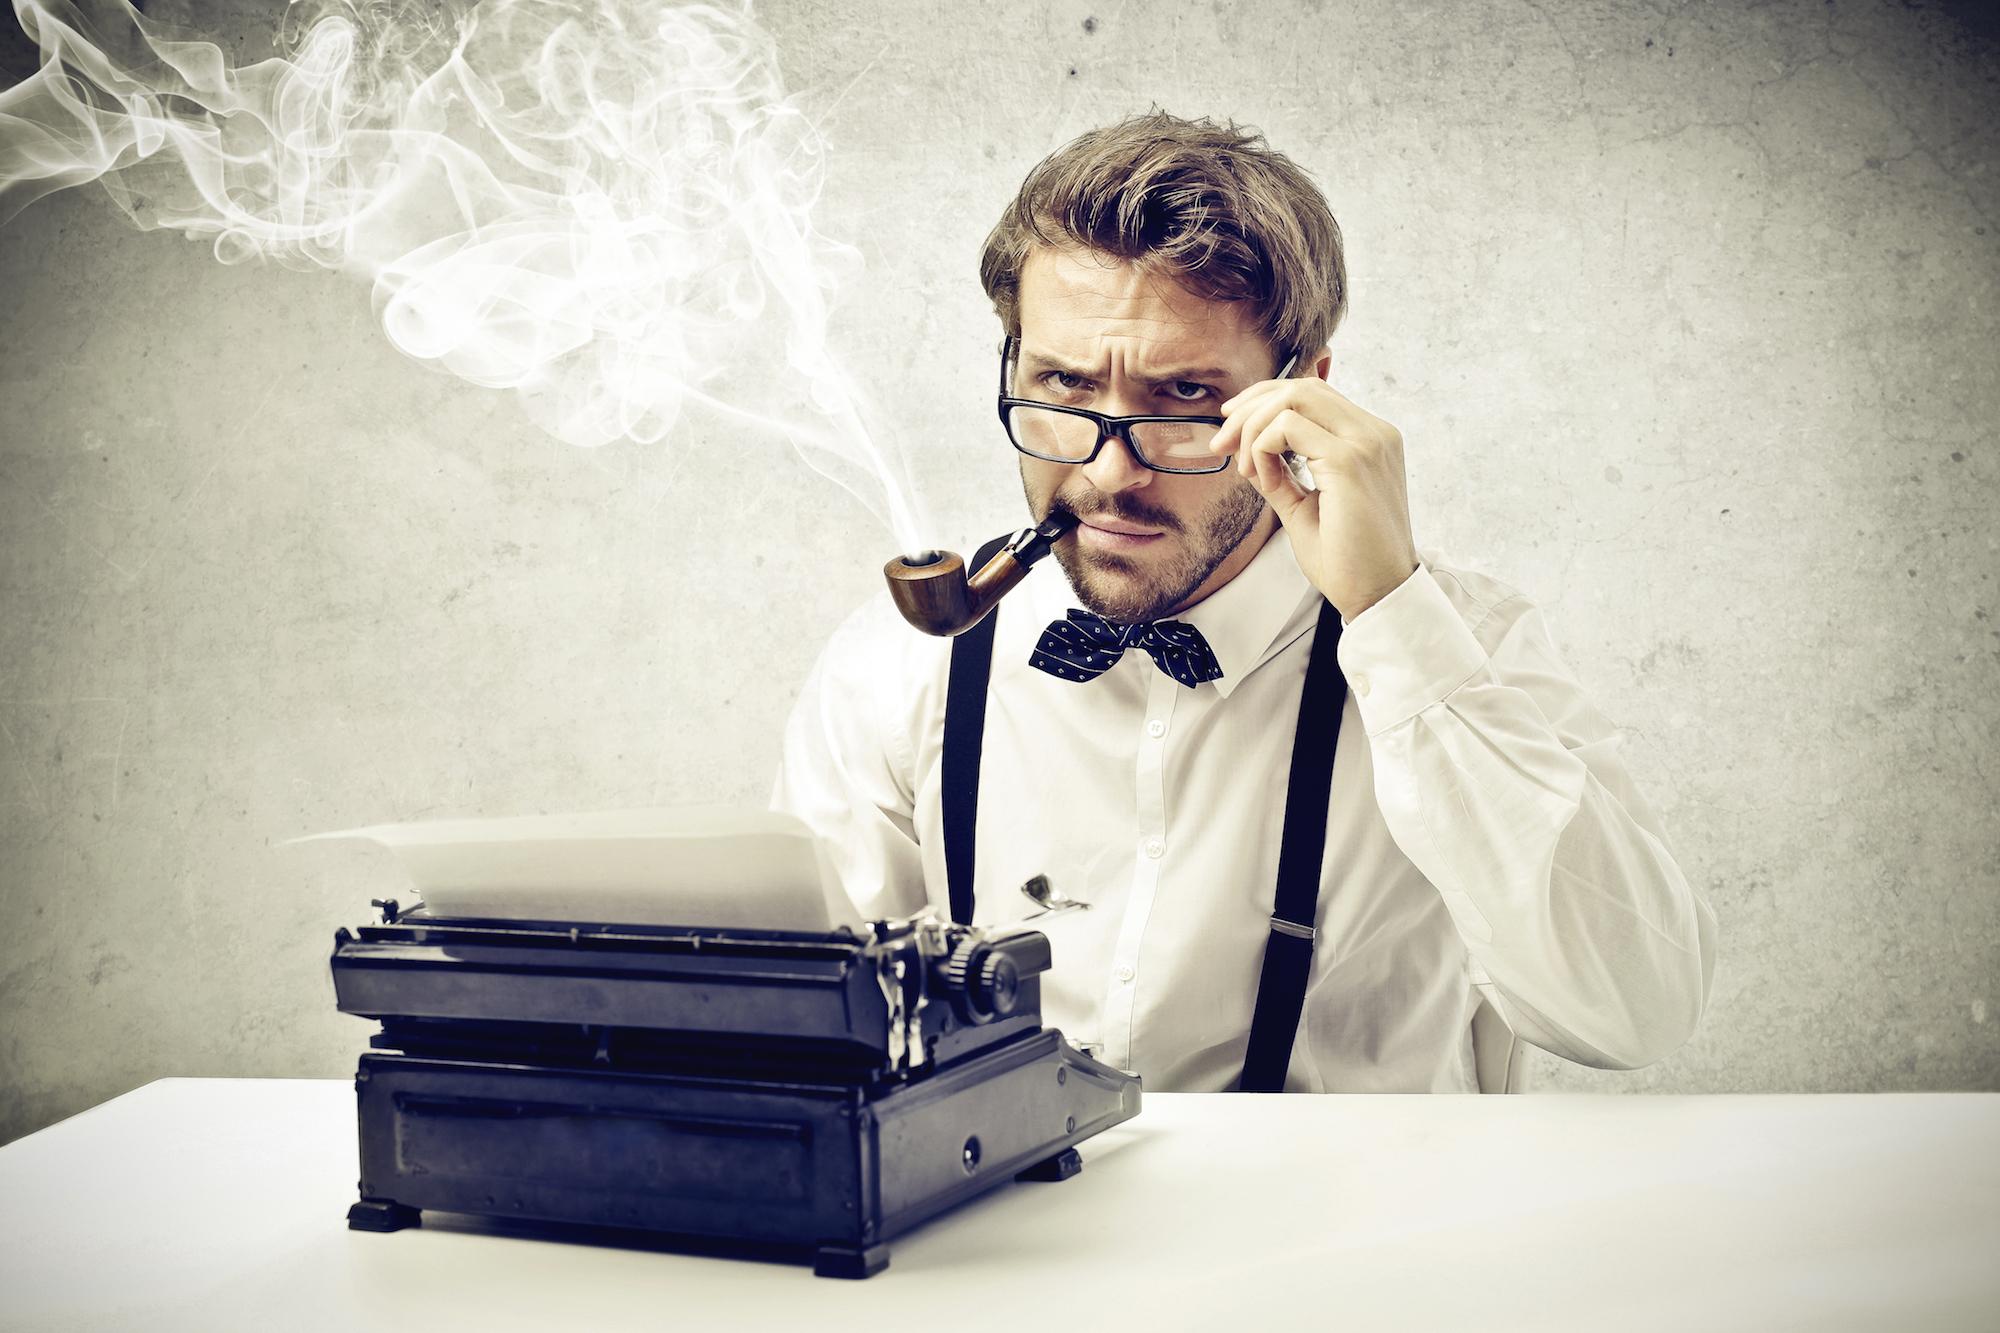 Como escrever e criar ebooks ou livros online